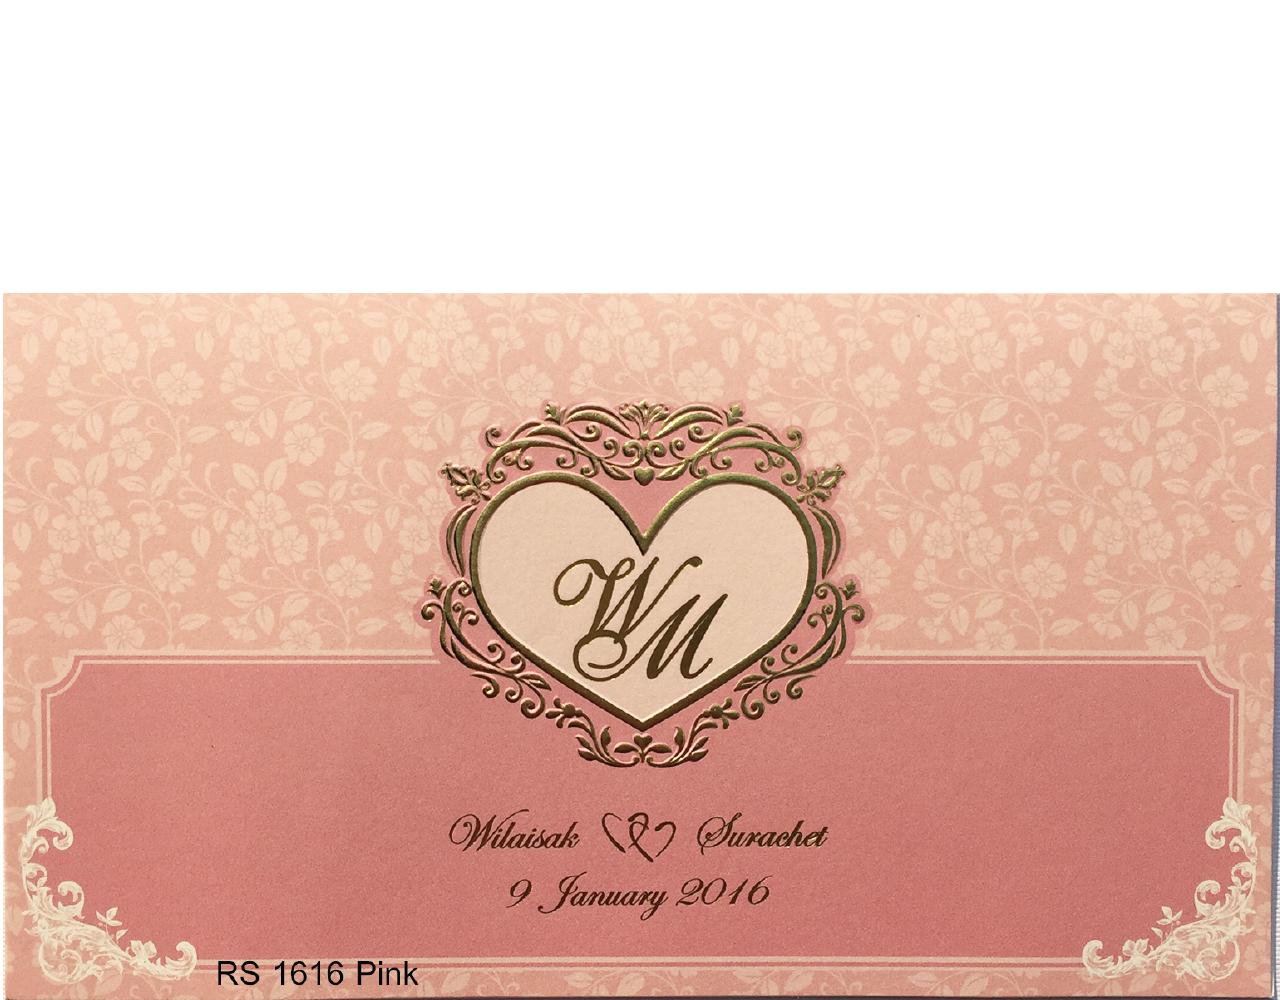 การ์ดแต่งงาน การ์ดเชิญแต่งงาน ราคาถูก ลวดลายเรียบง่าย สีครีมชมพู ปั๊มนูน พิมพ์ทองเค wedding card 4x7.5 inch RS.1616